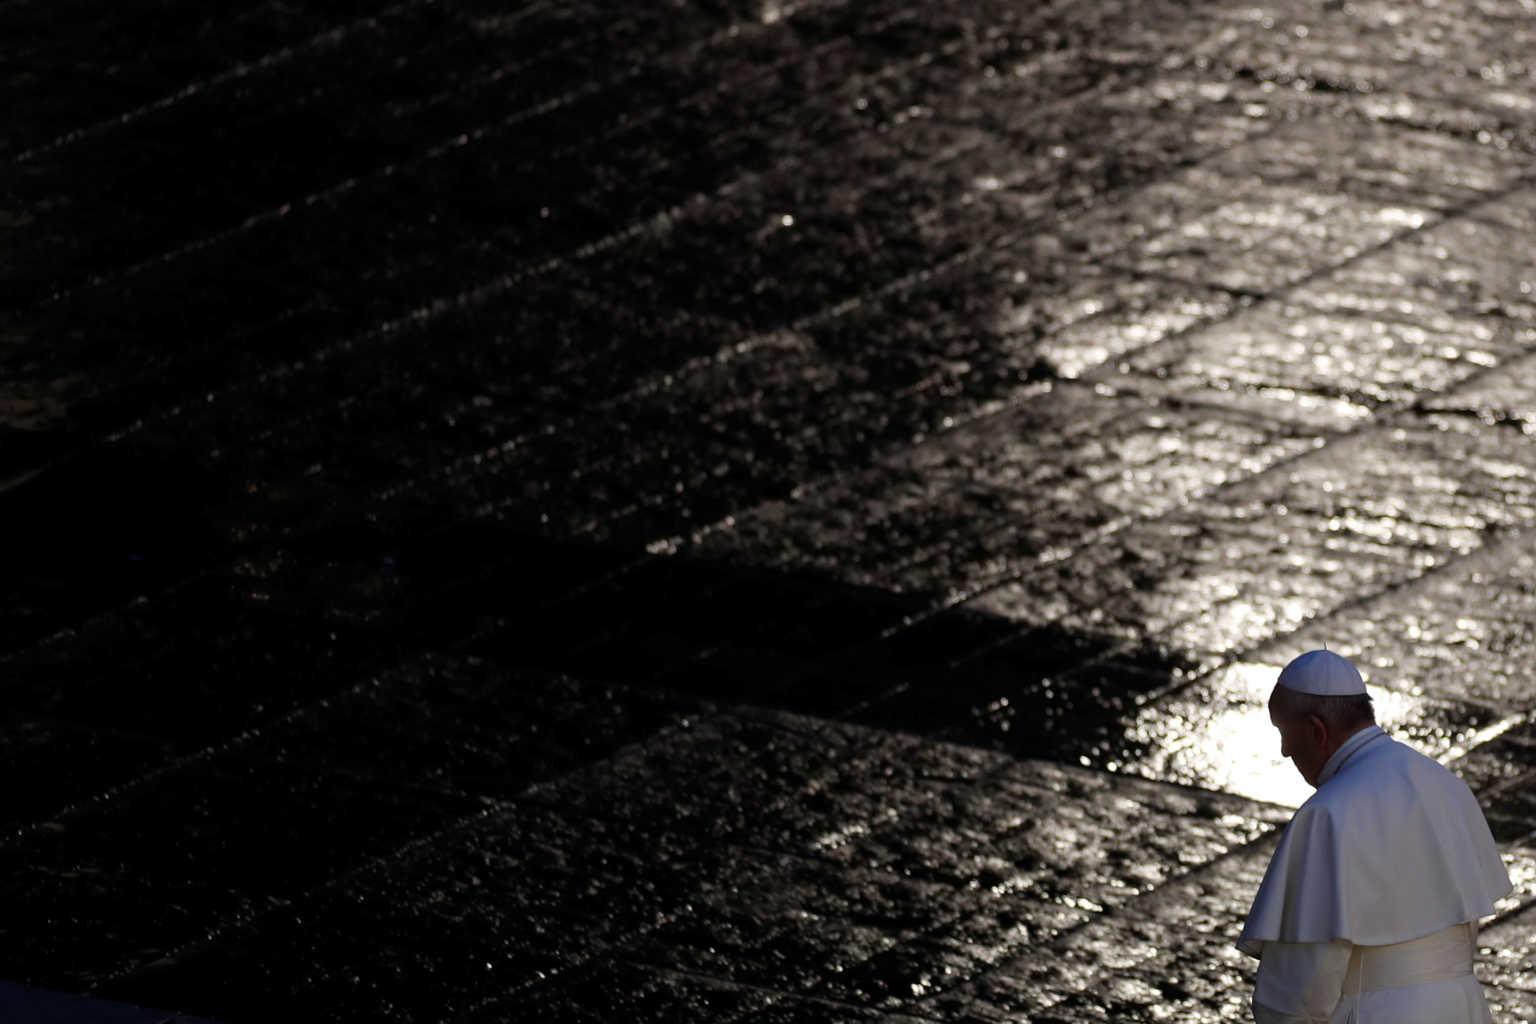 Ο Πάπας μόνος του με το Θεό: Συγκλονιστικές εικόνες